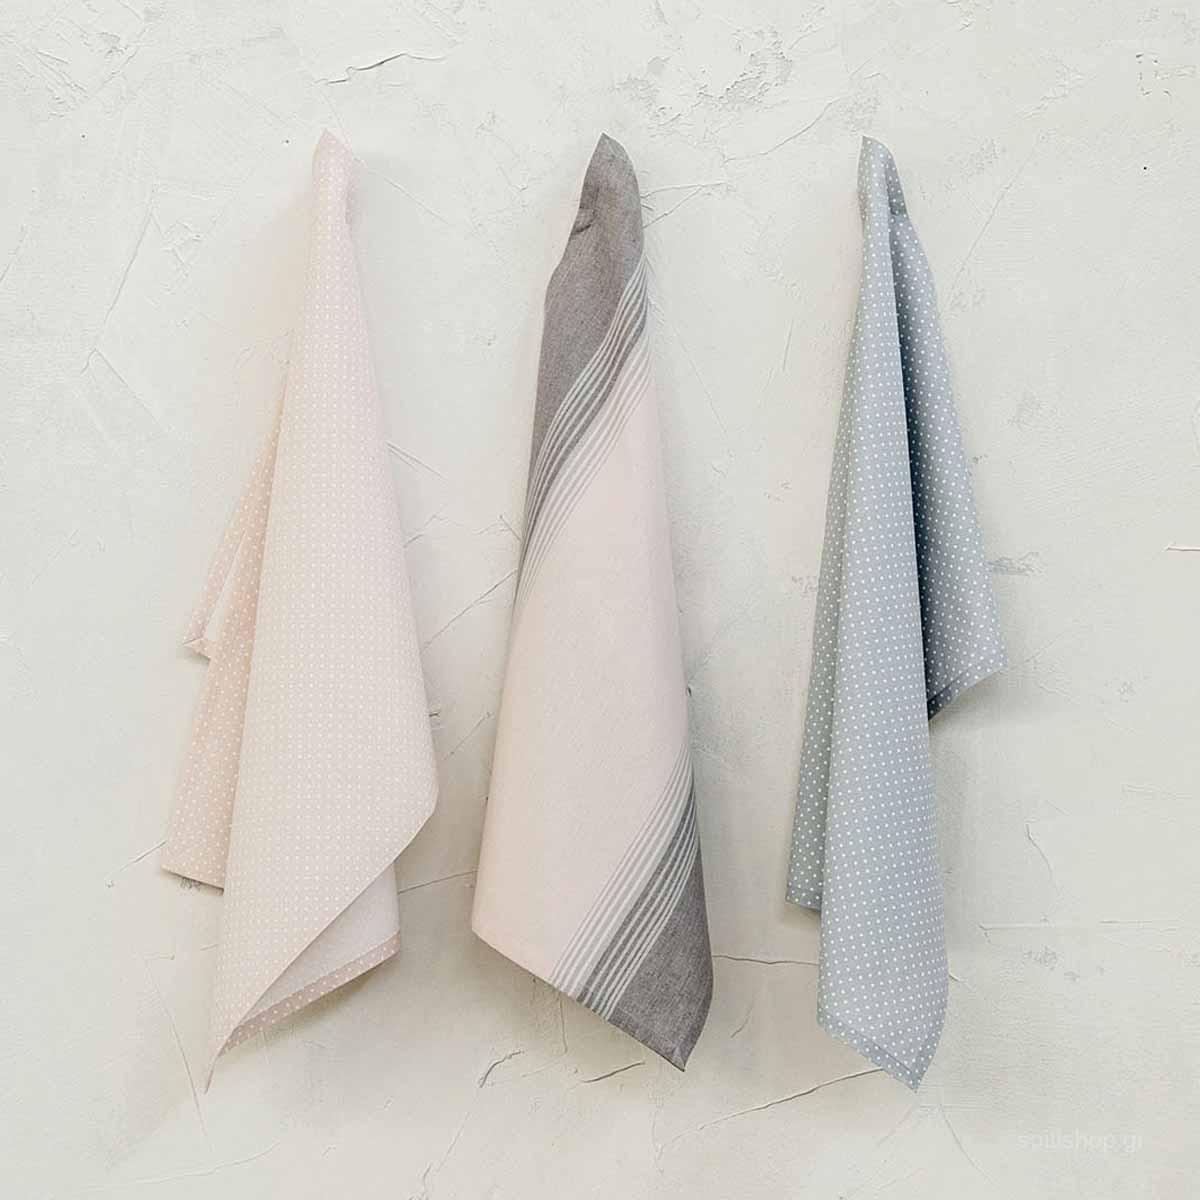 Ποτηρόπανα (Σετ 3τμχ) Nima Kitchen Towels Splash